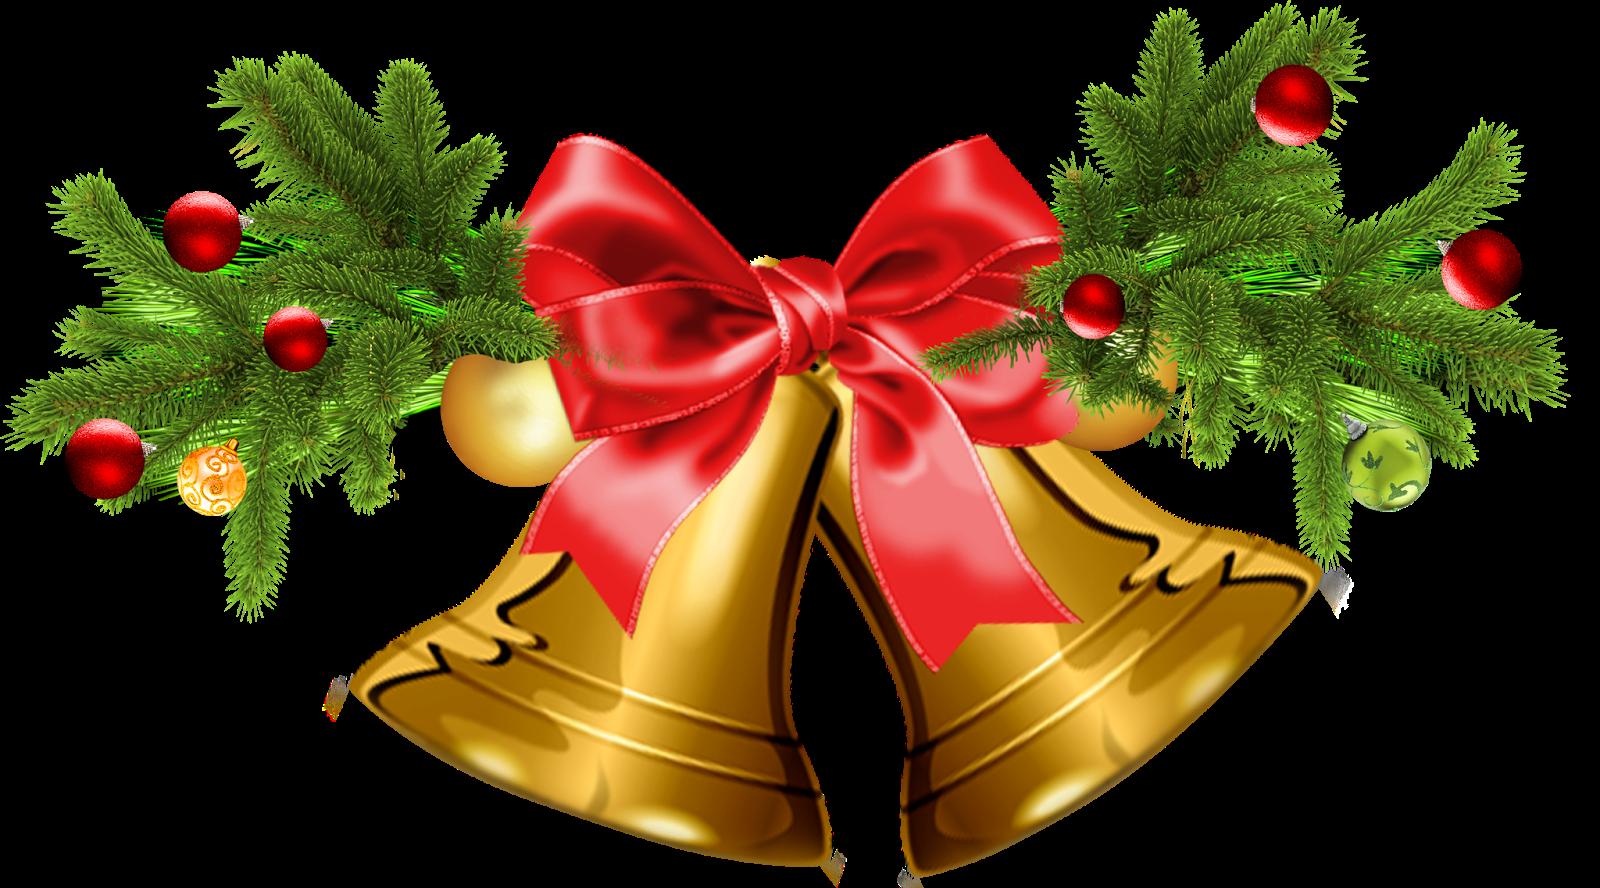 Adornos de navidad con fondo transparente im genes de - Arbol de navidad adornos ...